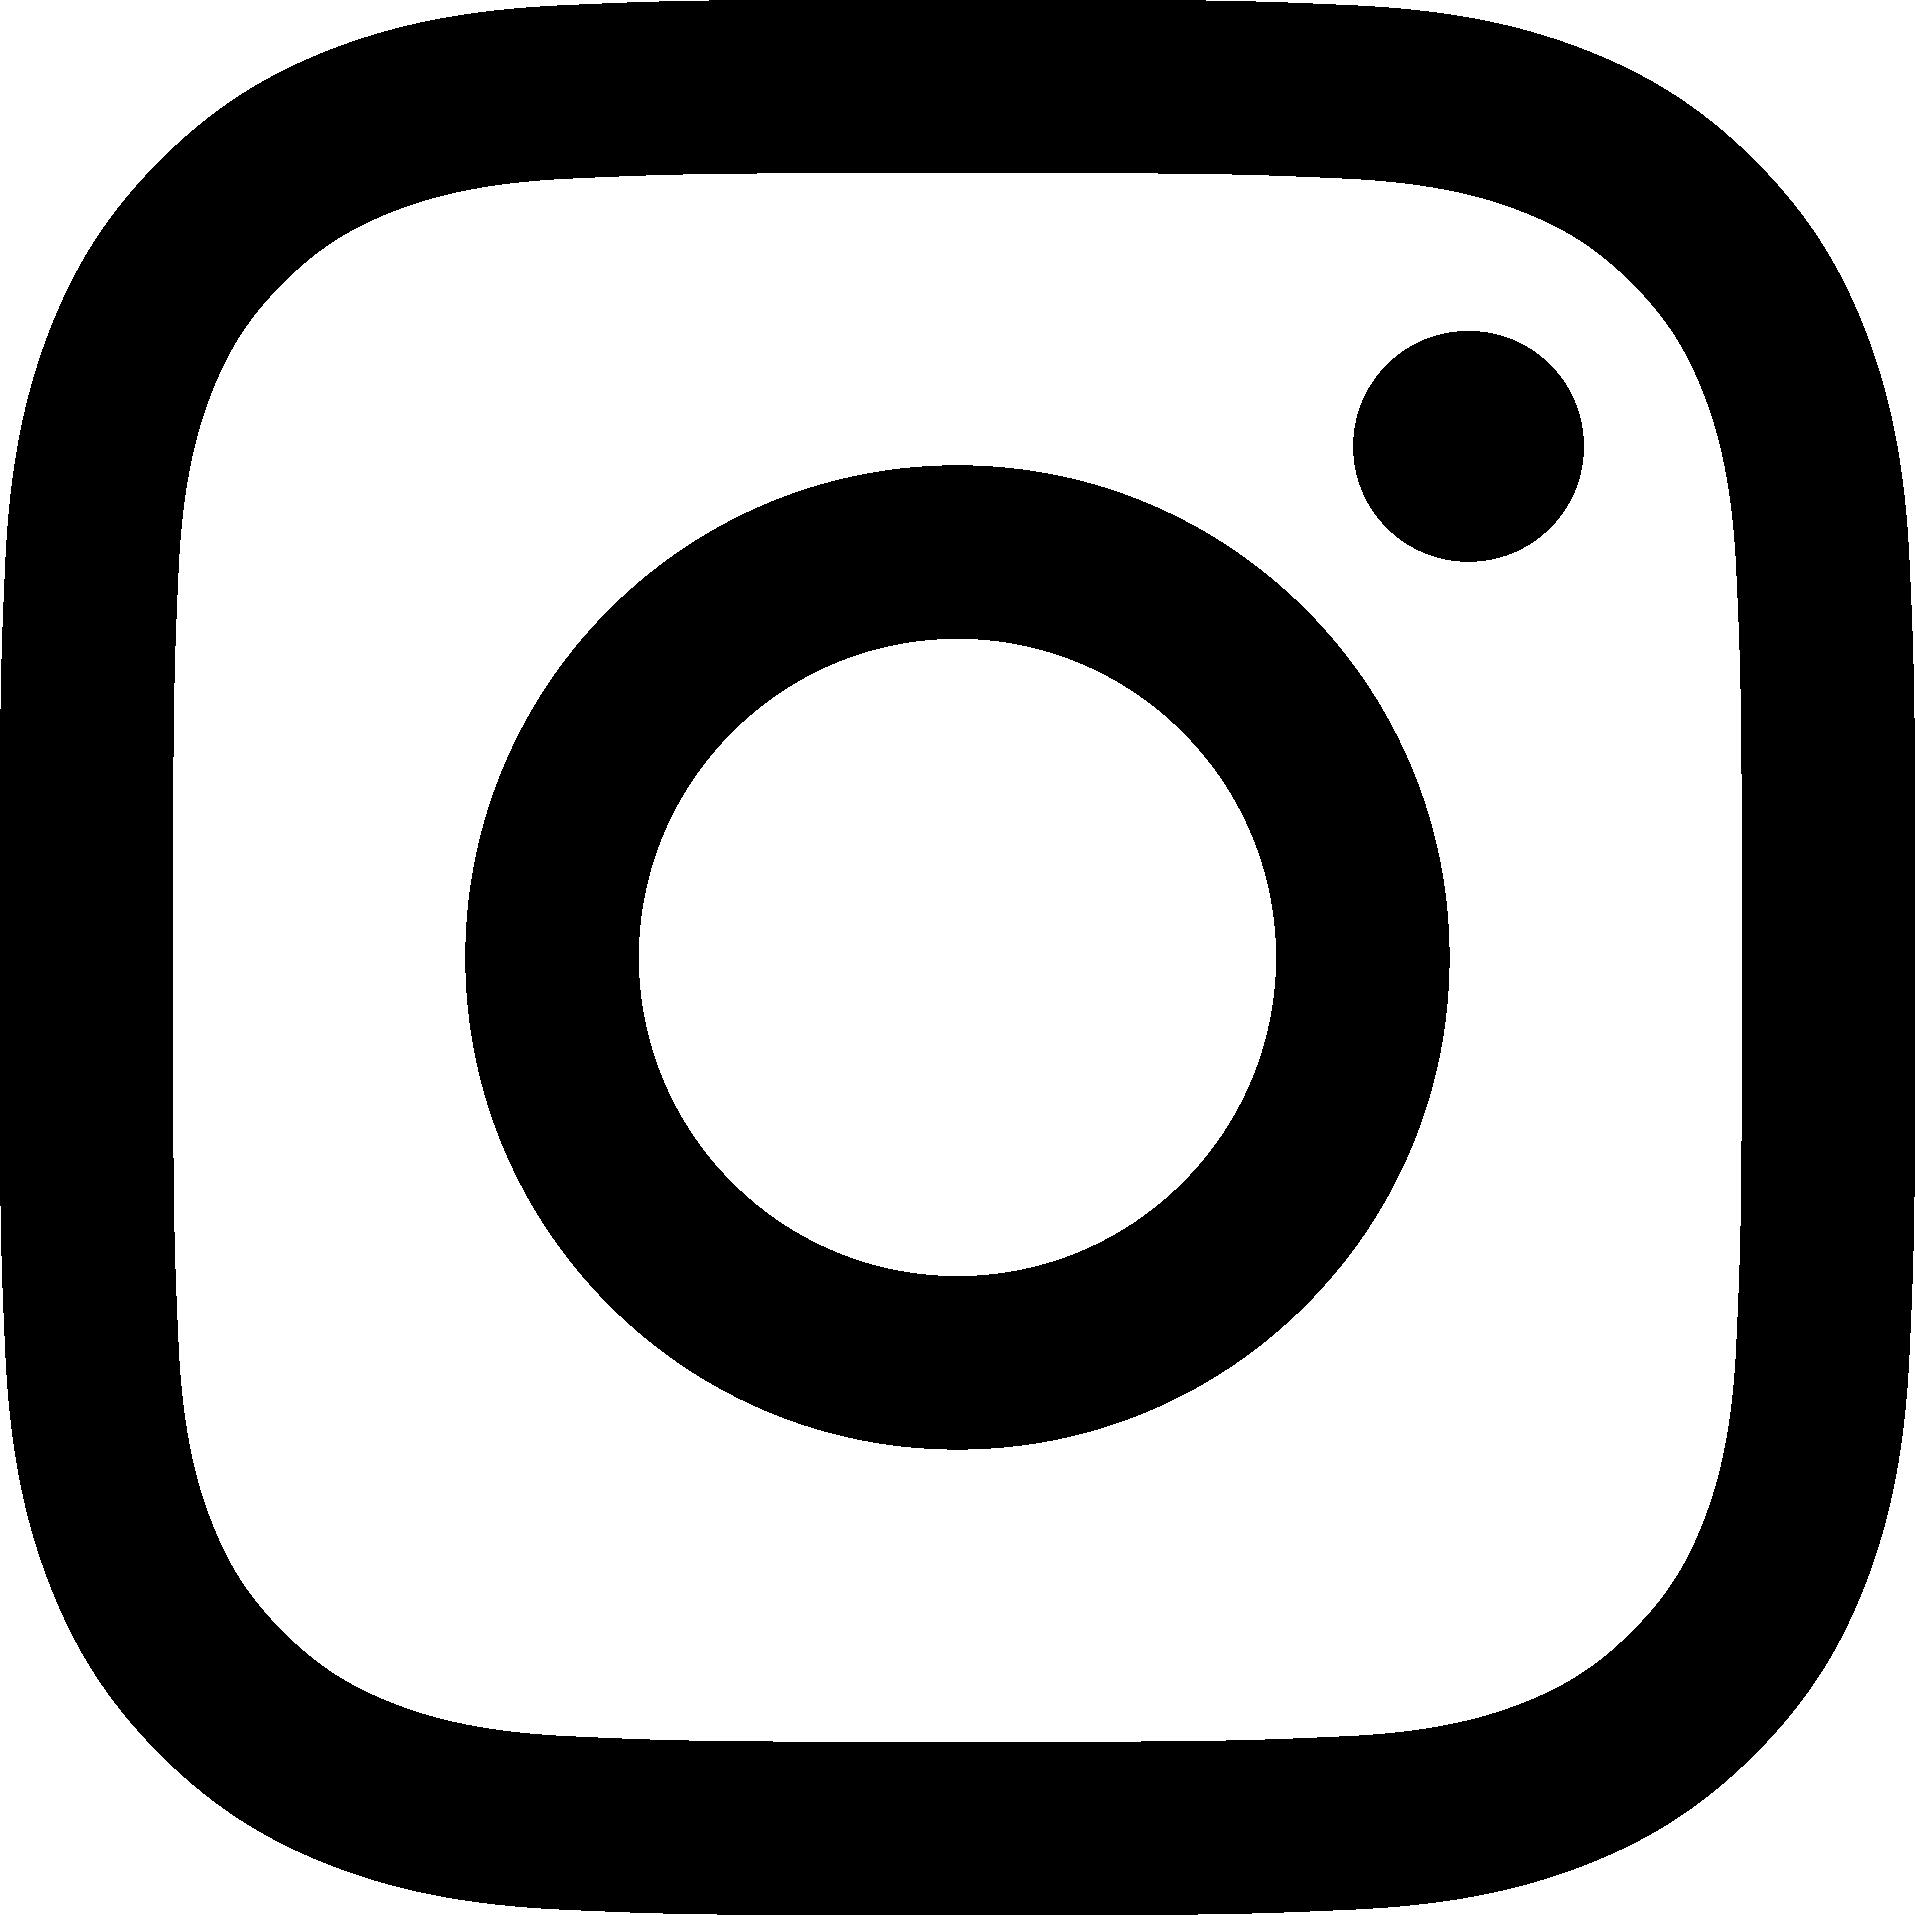 jpg transparent library Black logo png transparent. Instagram clipart